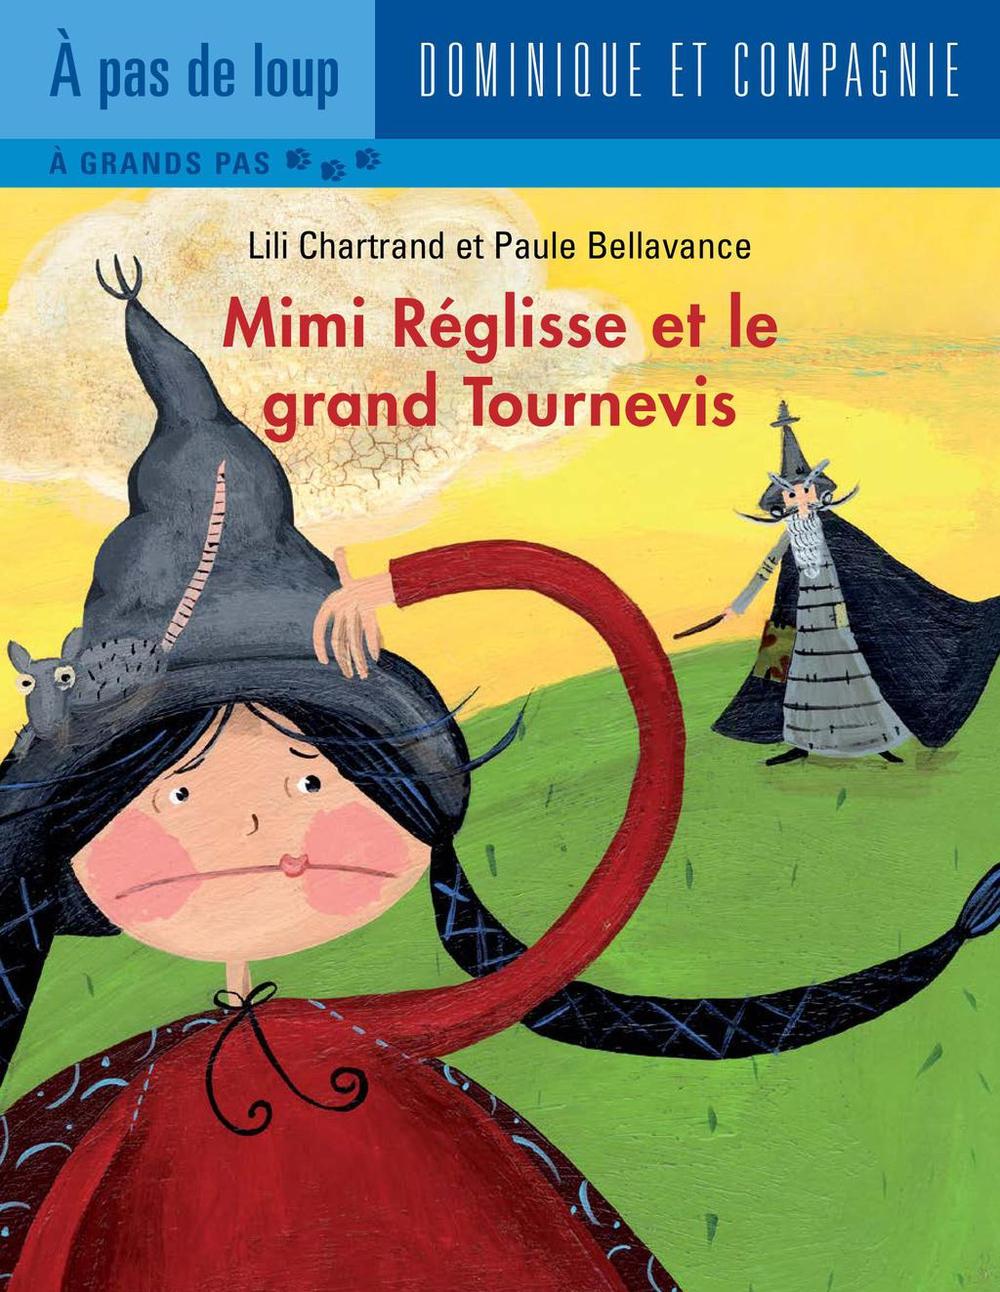 Mimi Réglisse et le grand Tournevis